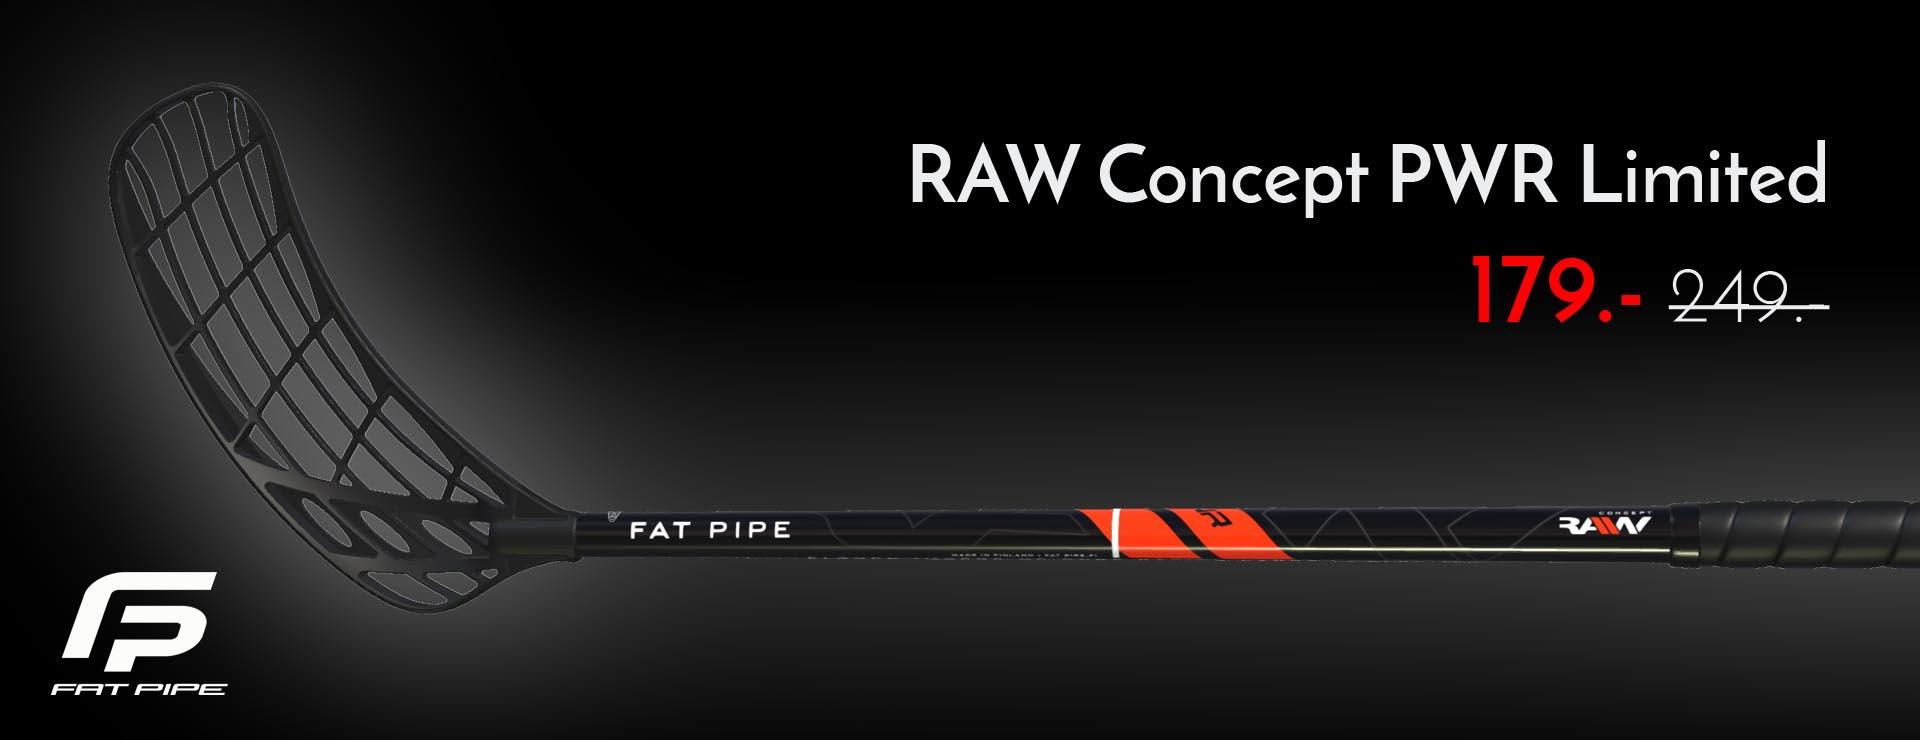 Fat Pipe Raw Concept